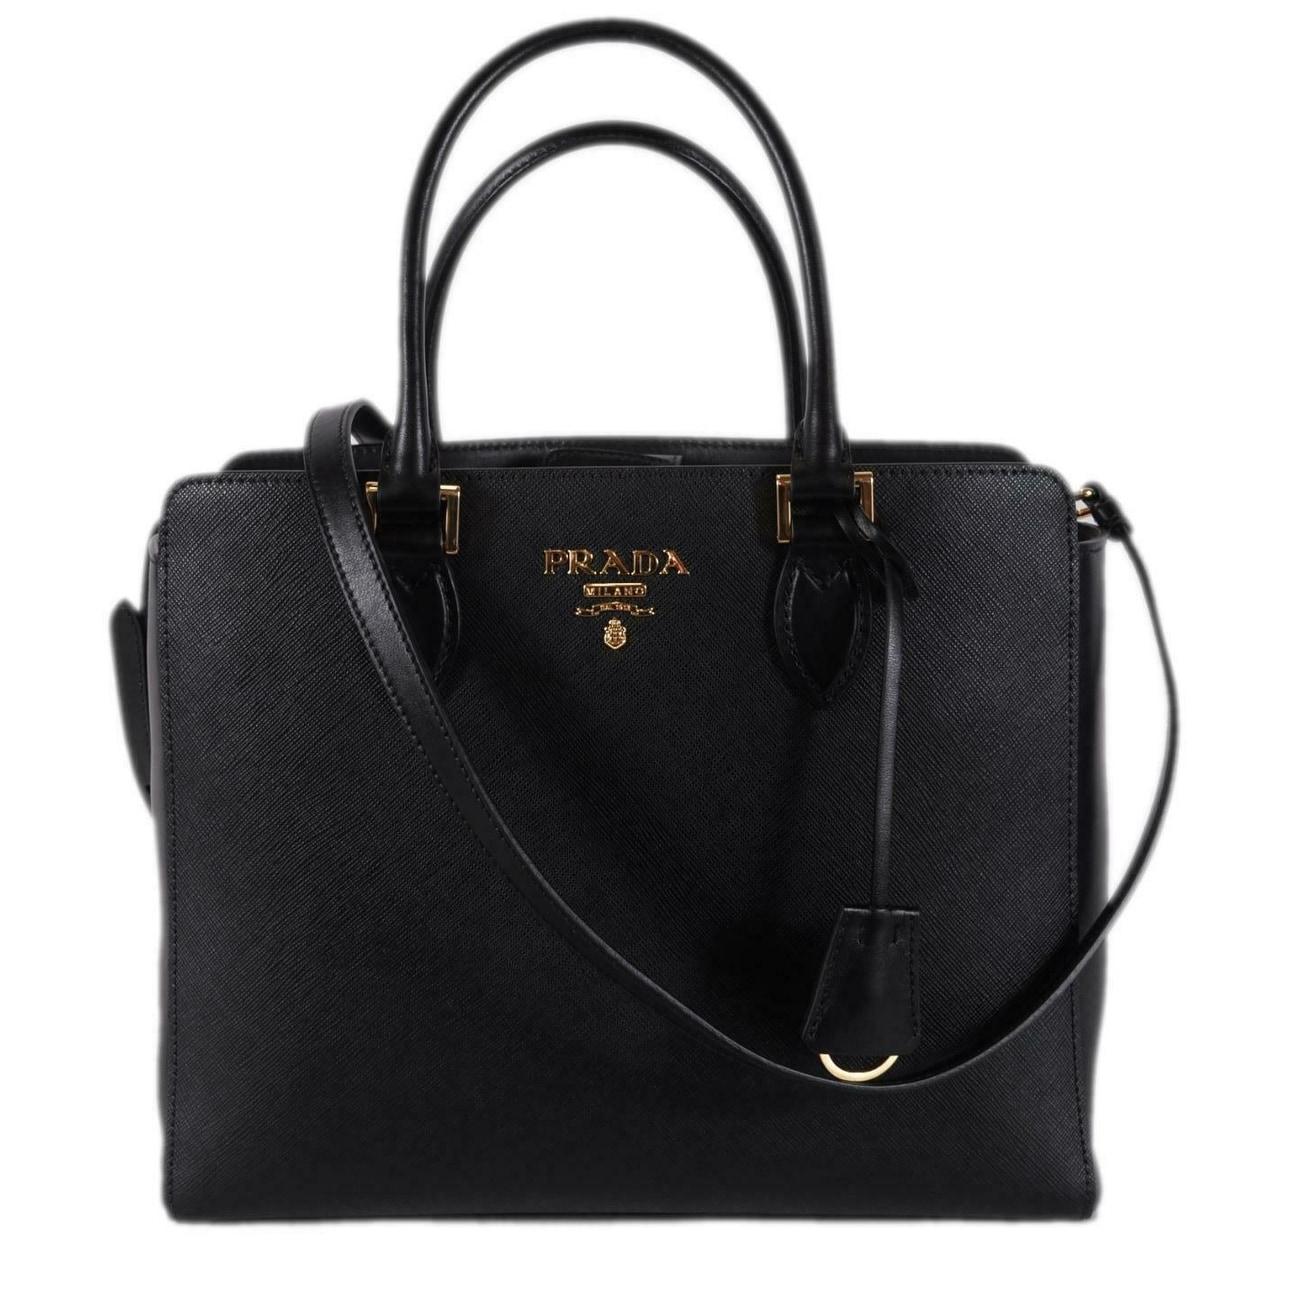 bd70af3174e8 Prada Designer Handbags